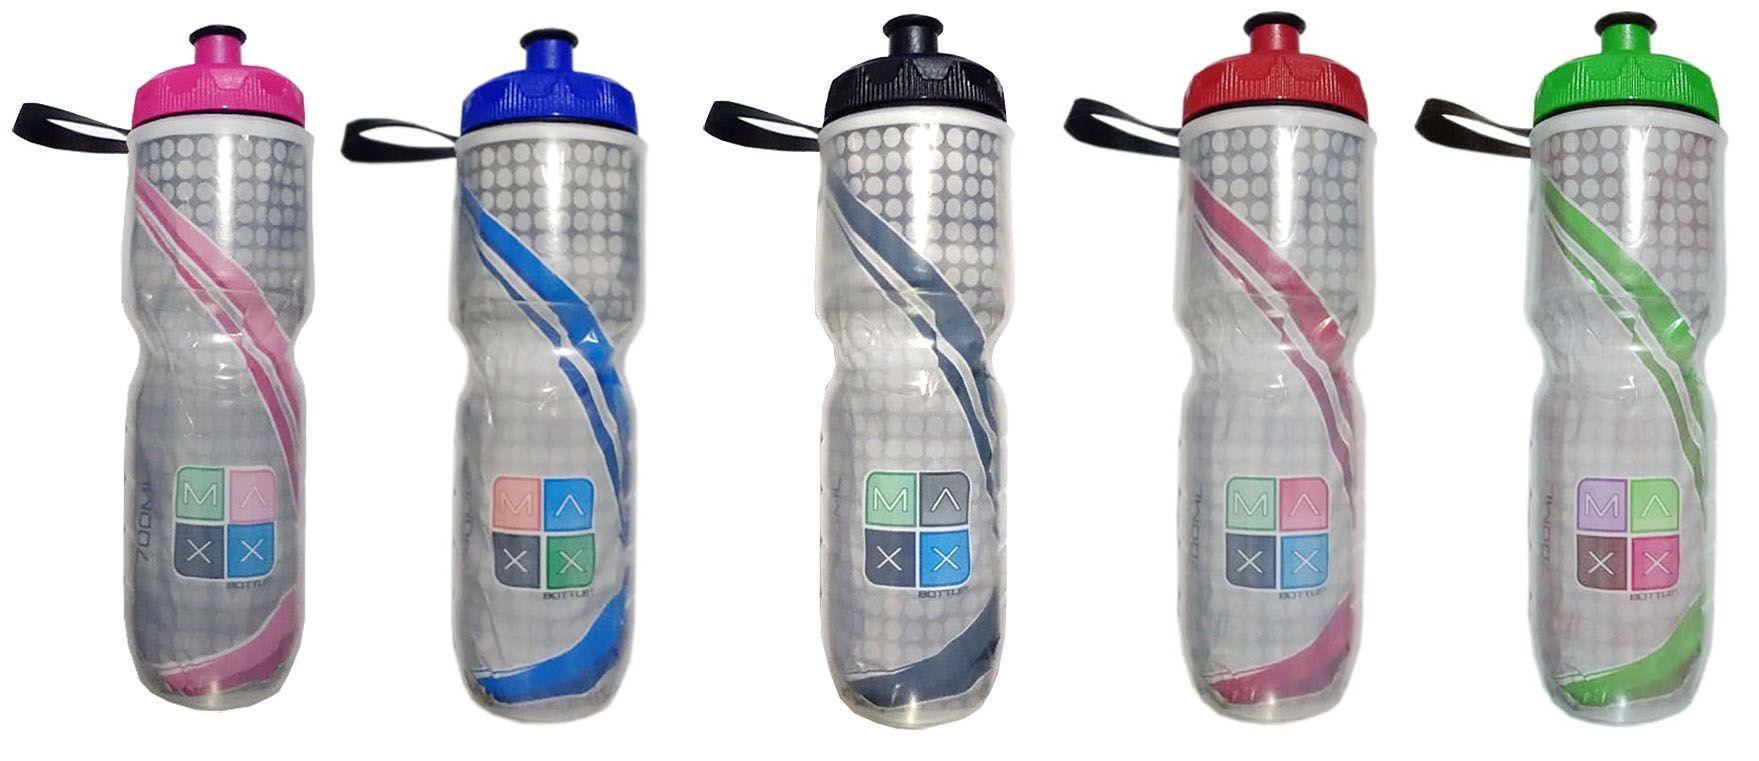 Caramanhola Maxx Bottle - 700 ml - Térmica